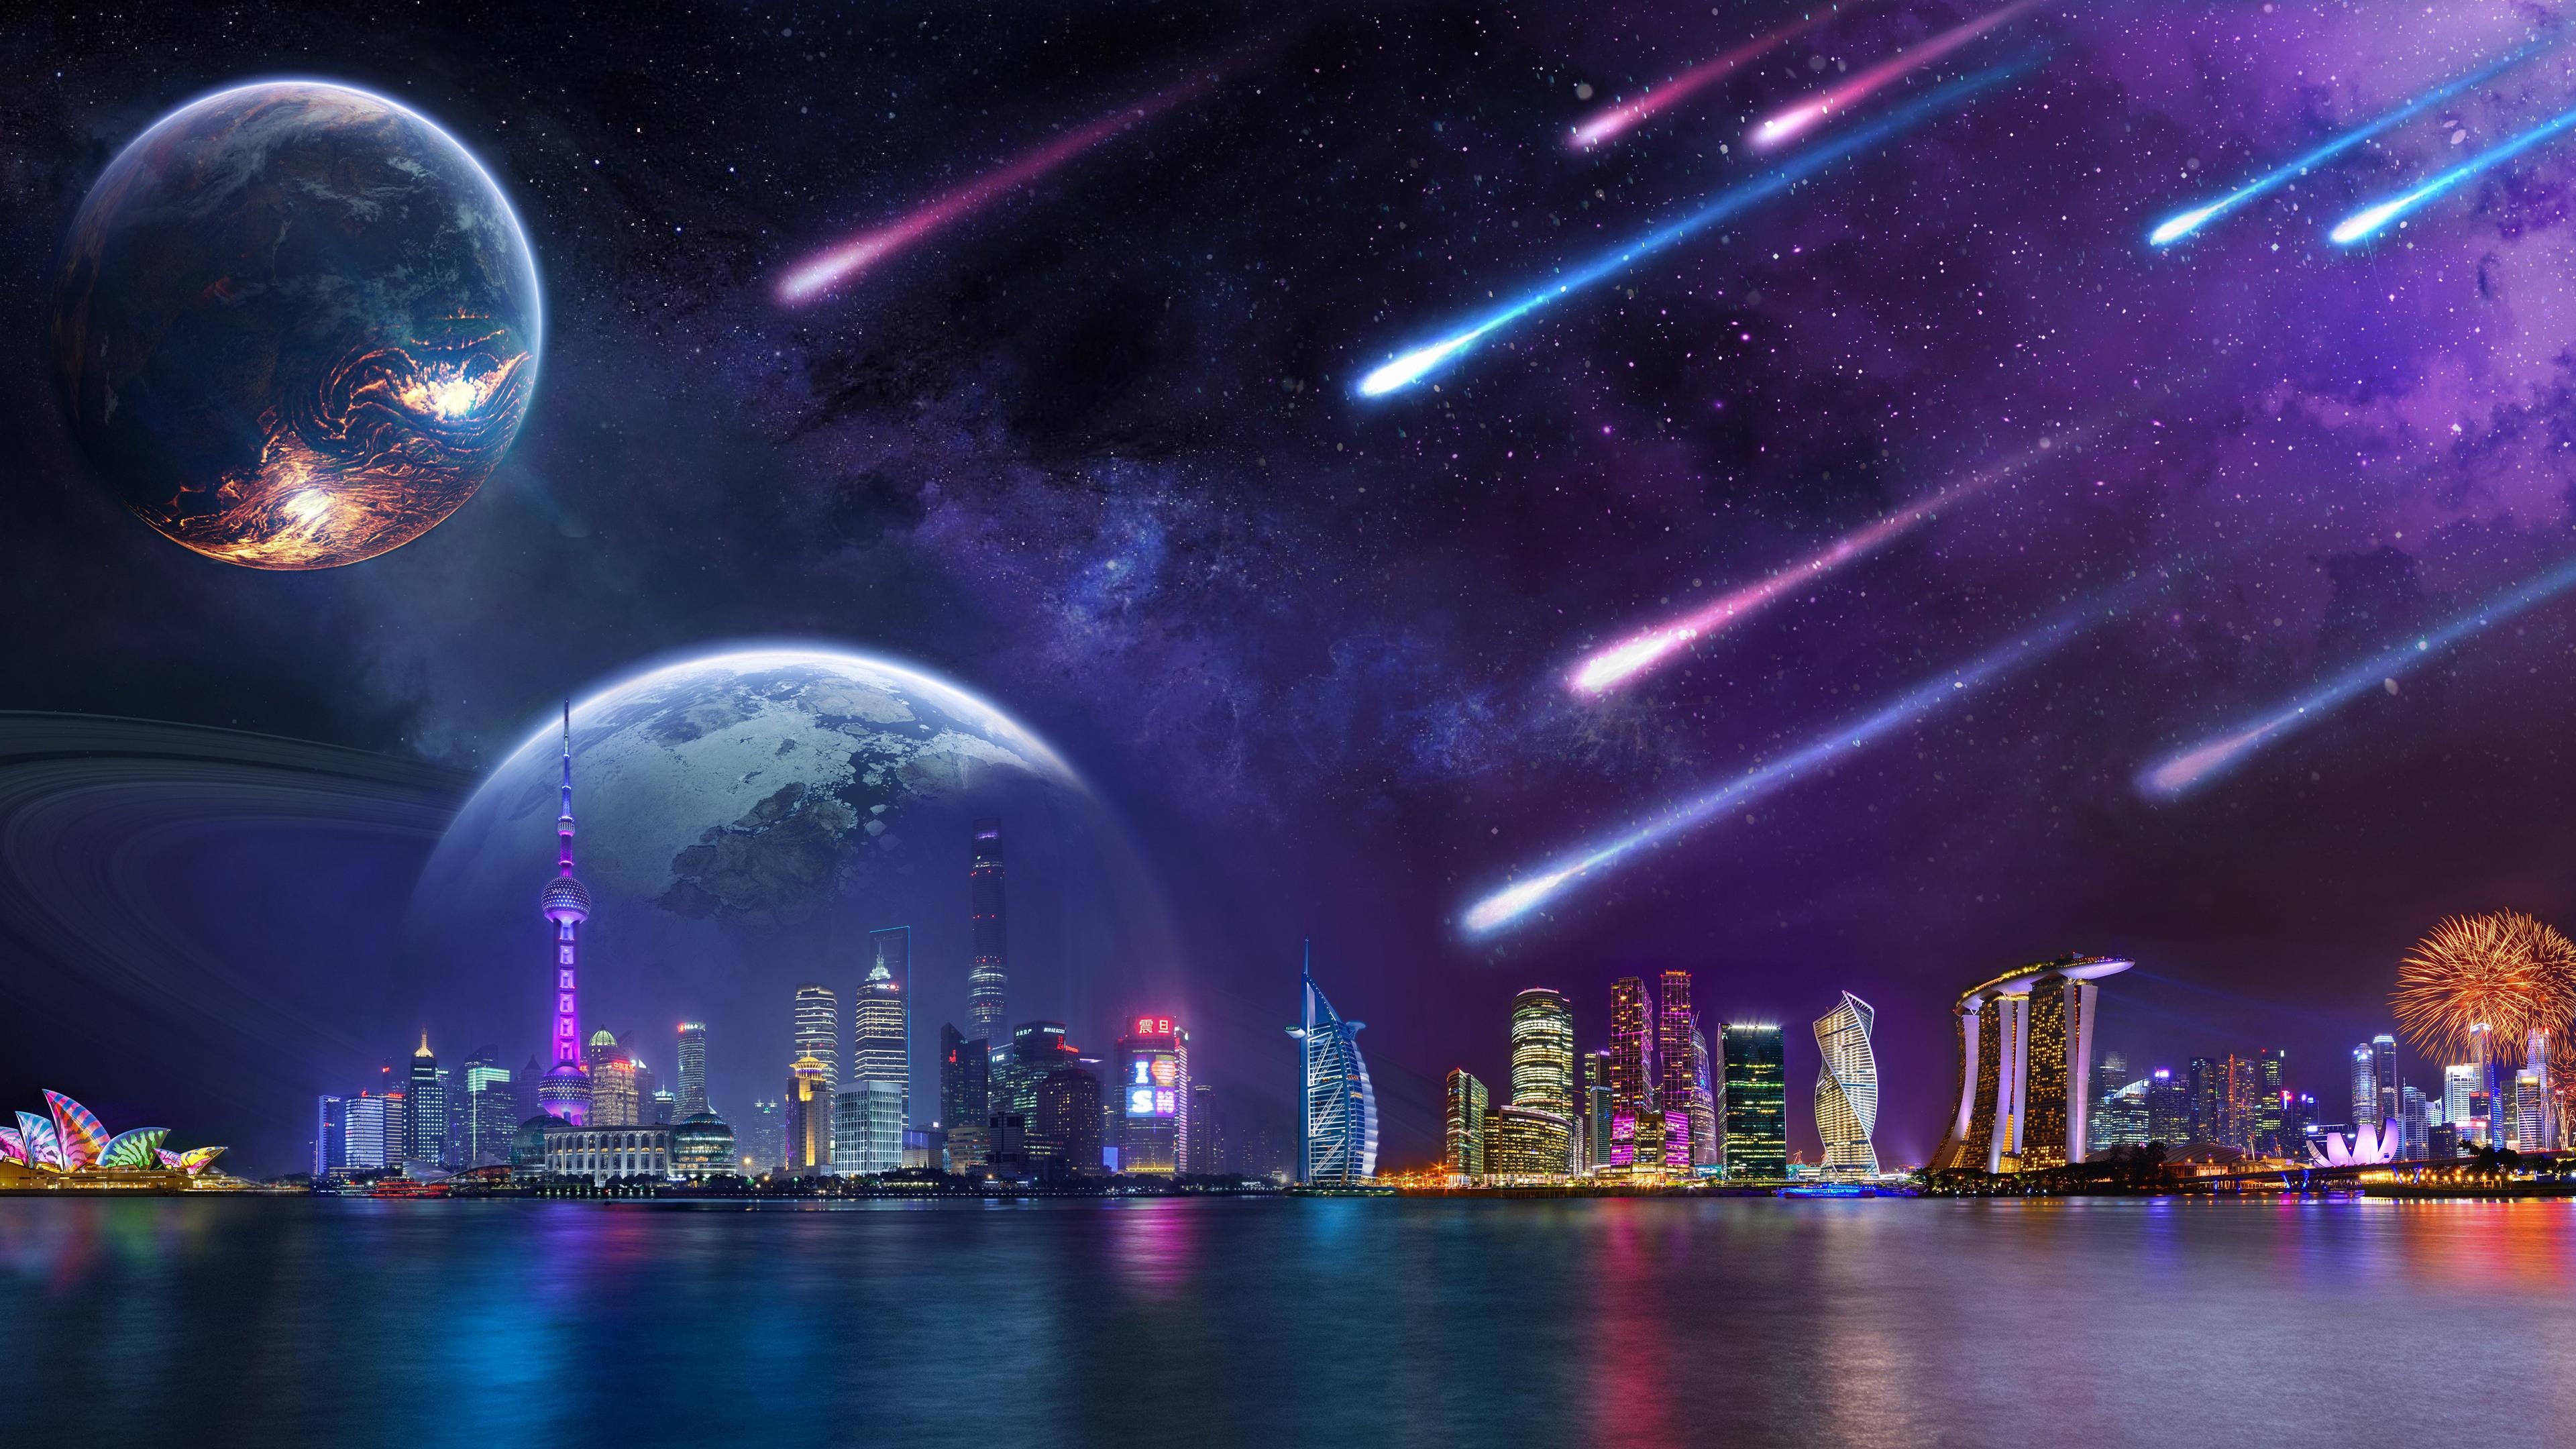 Wallpaper : city lights, tower, architecture, skyscraper ...